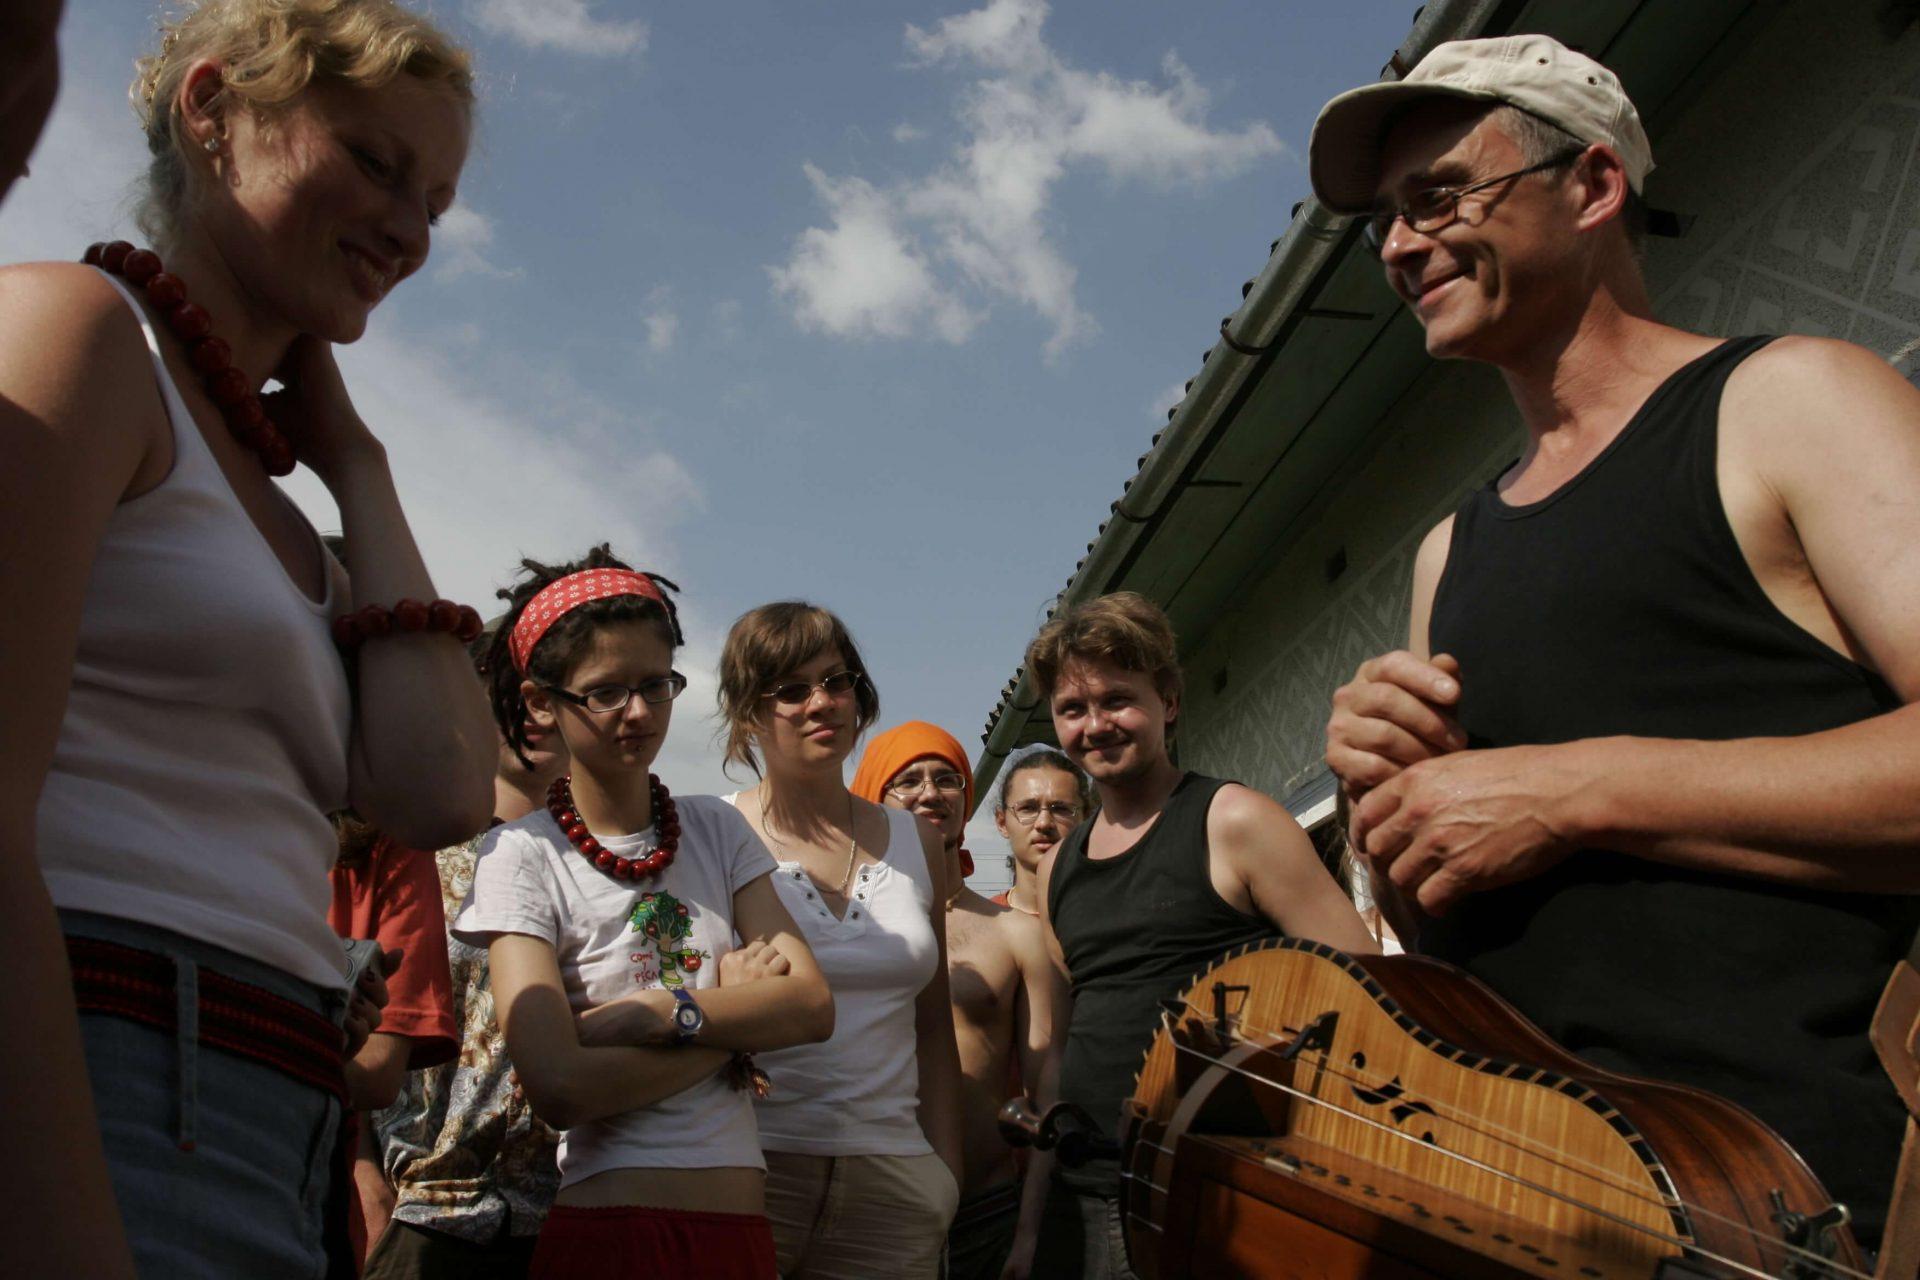 Учасники фестивалю дивляться на чоловіка, який тримає колісну ліру на фестивалі в Шешорах